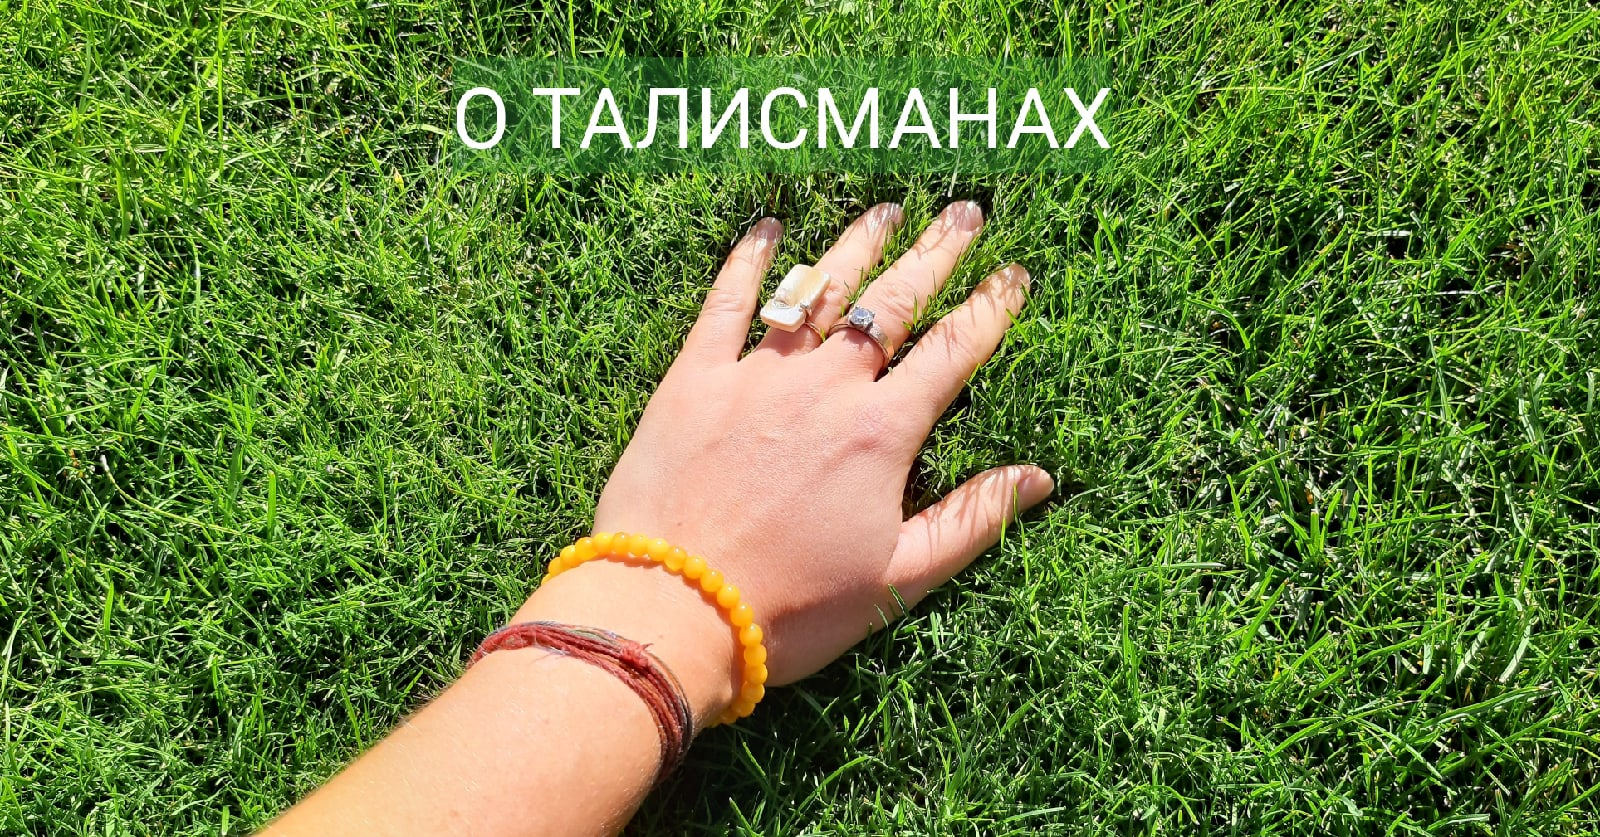 Украина - Натуальные камни. Талисманы, амулеты из натуральных камней - Страница 3 ZSYV5aX3t38